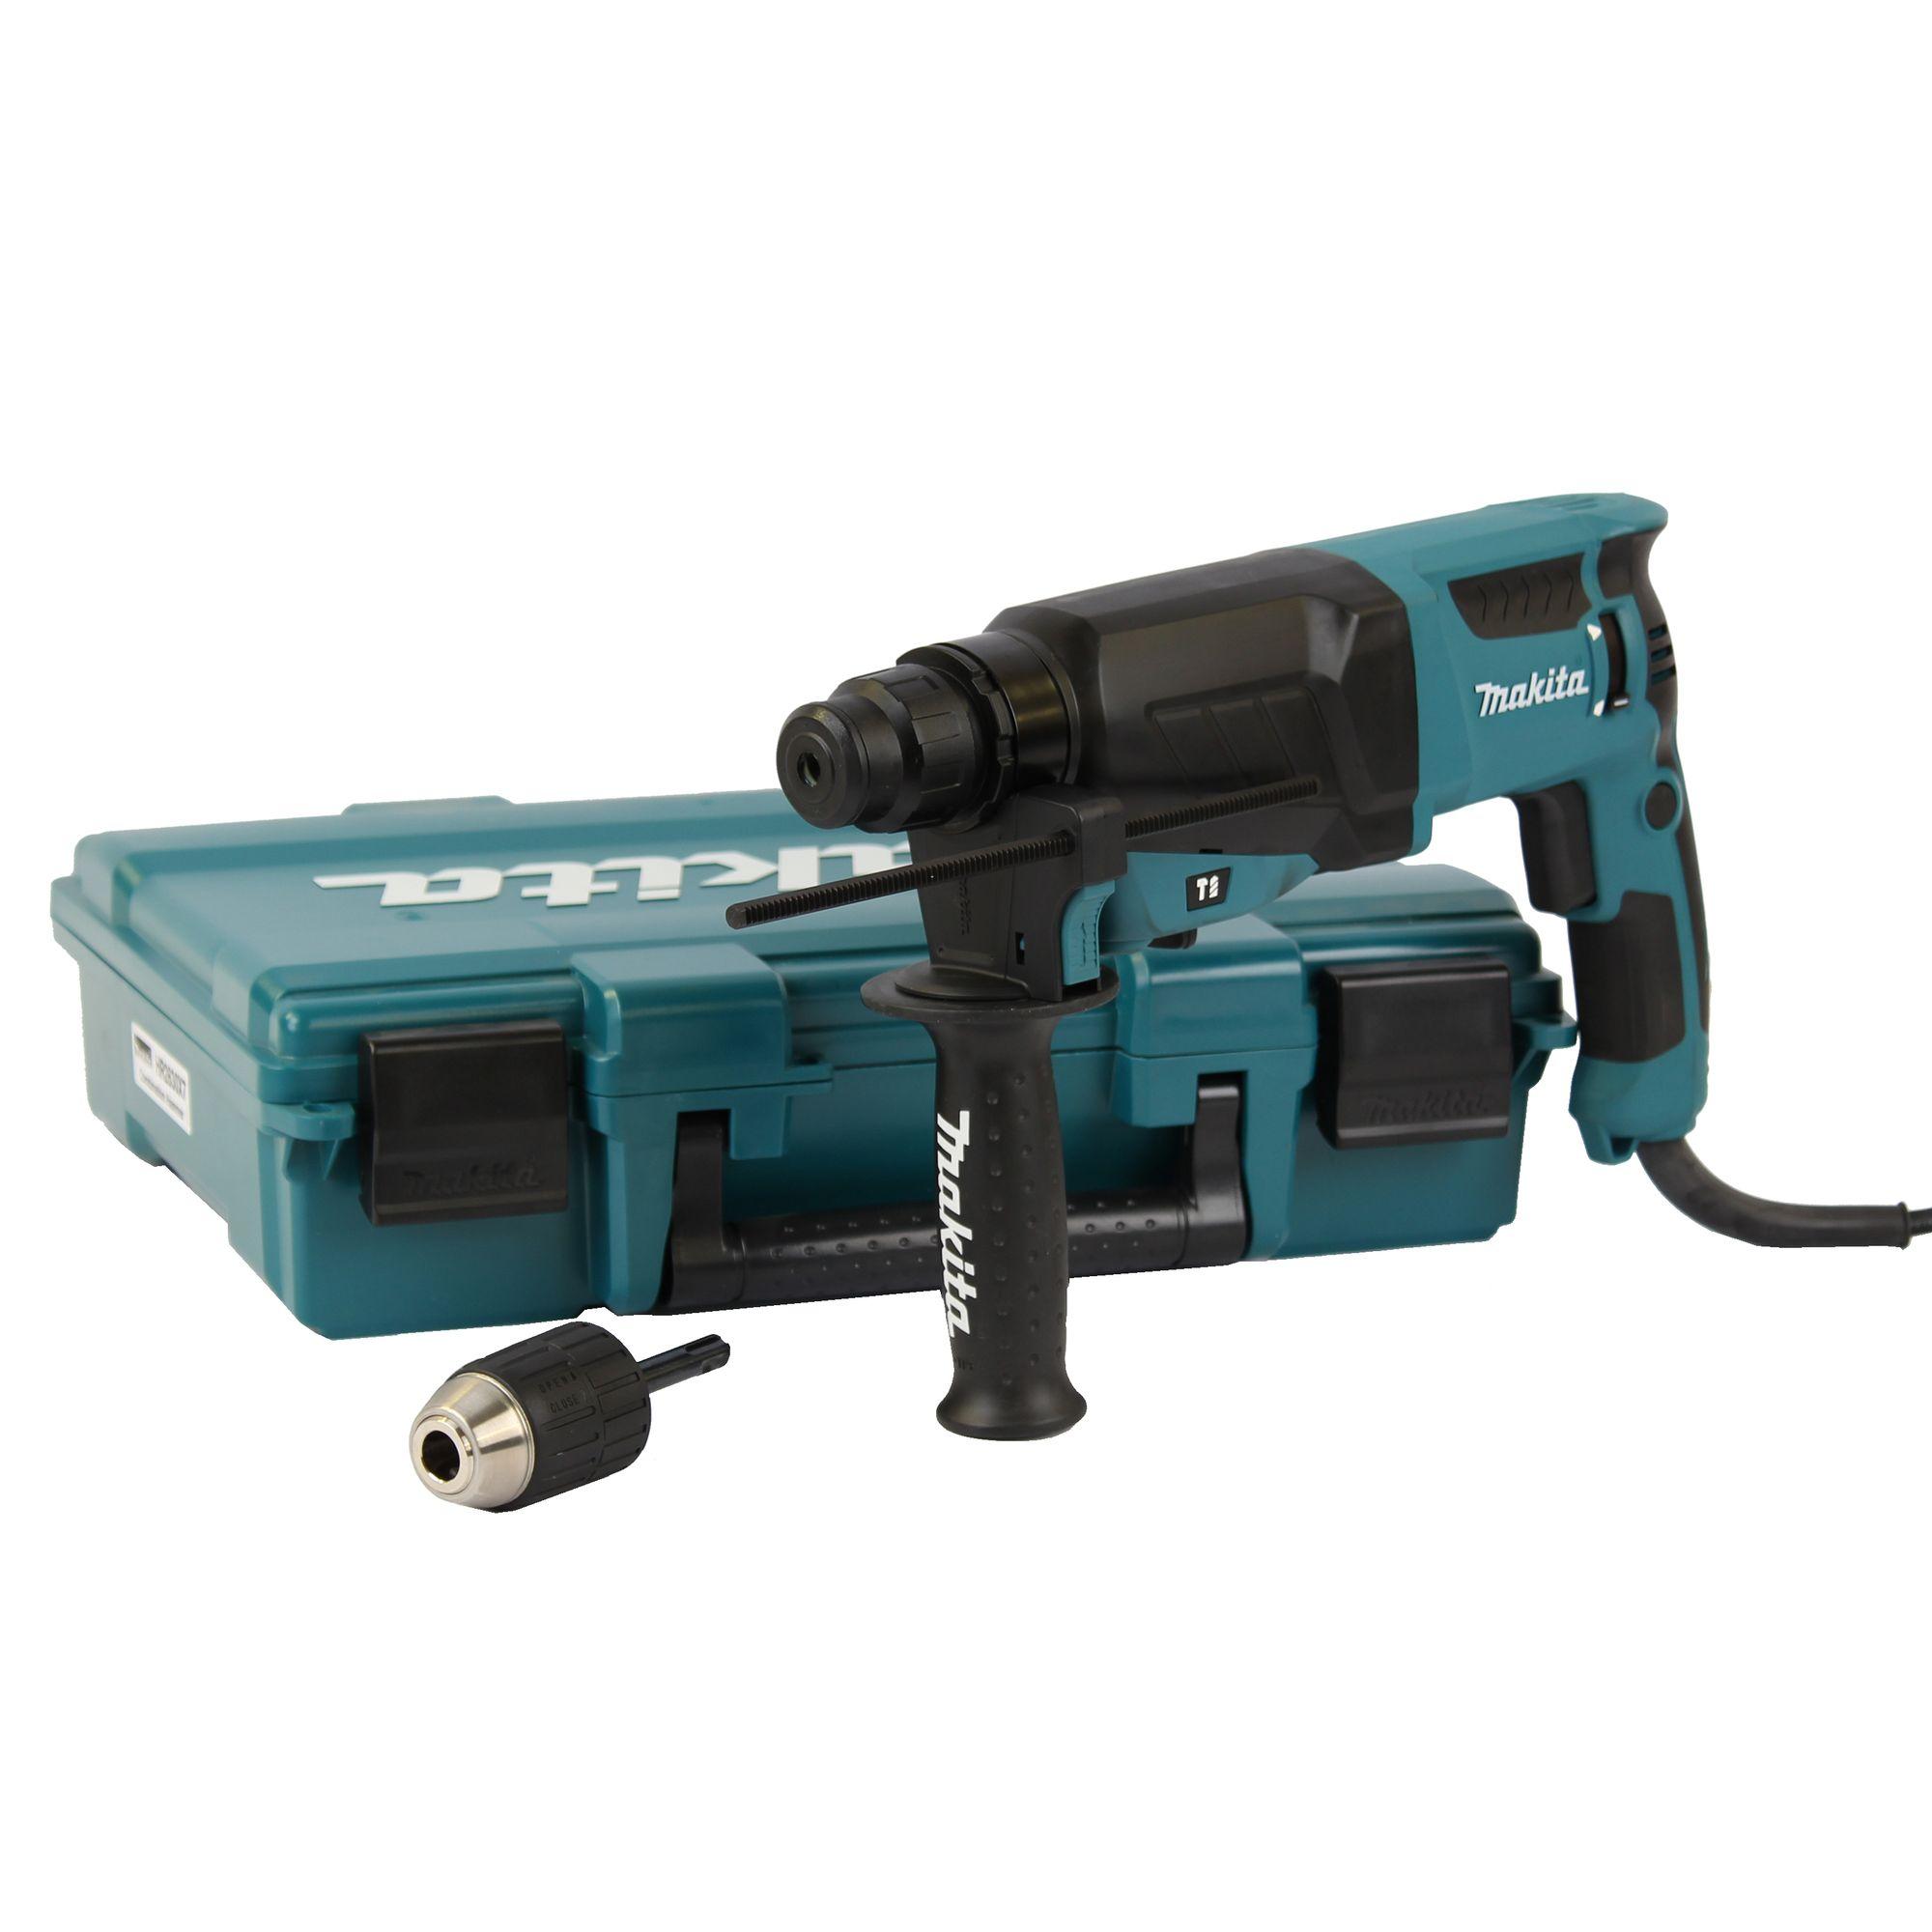 makita hr 2630 x7 800 watt 2 4 joule bohrhammer mit sds plus aufnahme im koffer. Black Bedroom Furniture Sets. Home Design Ideas